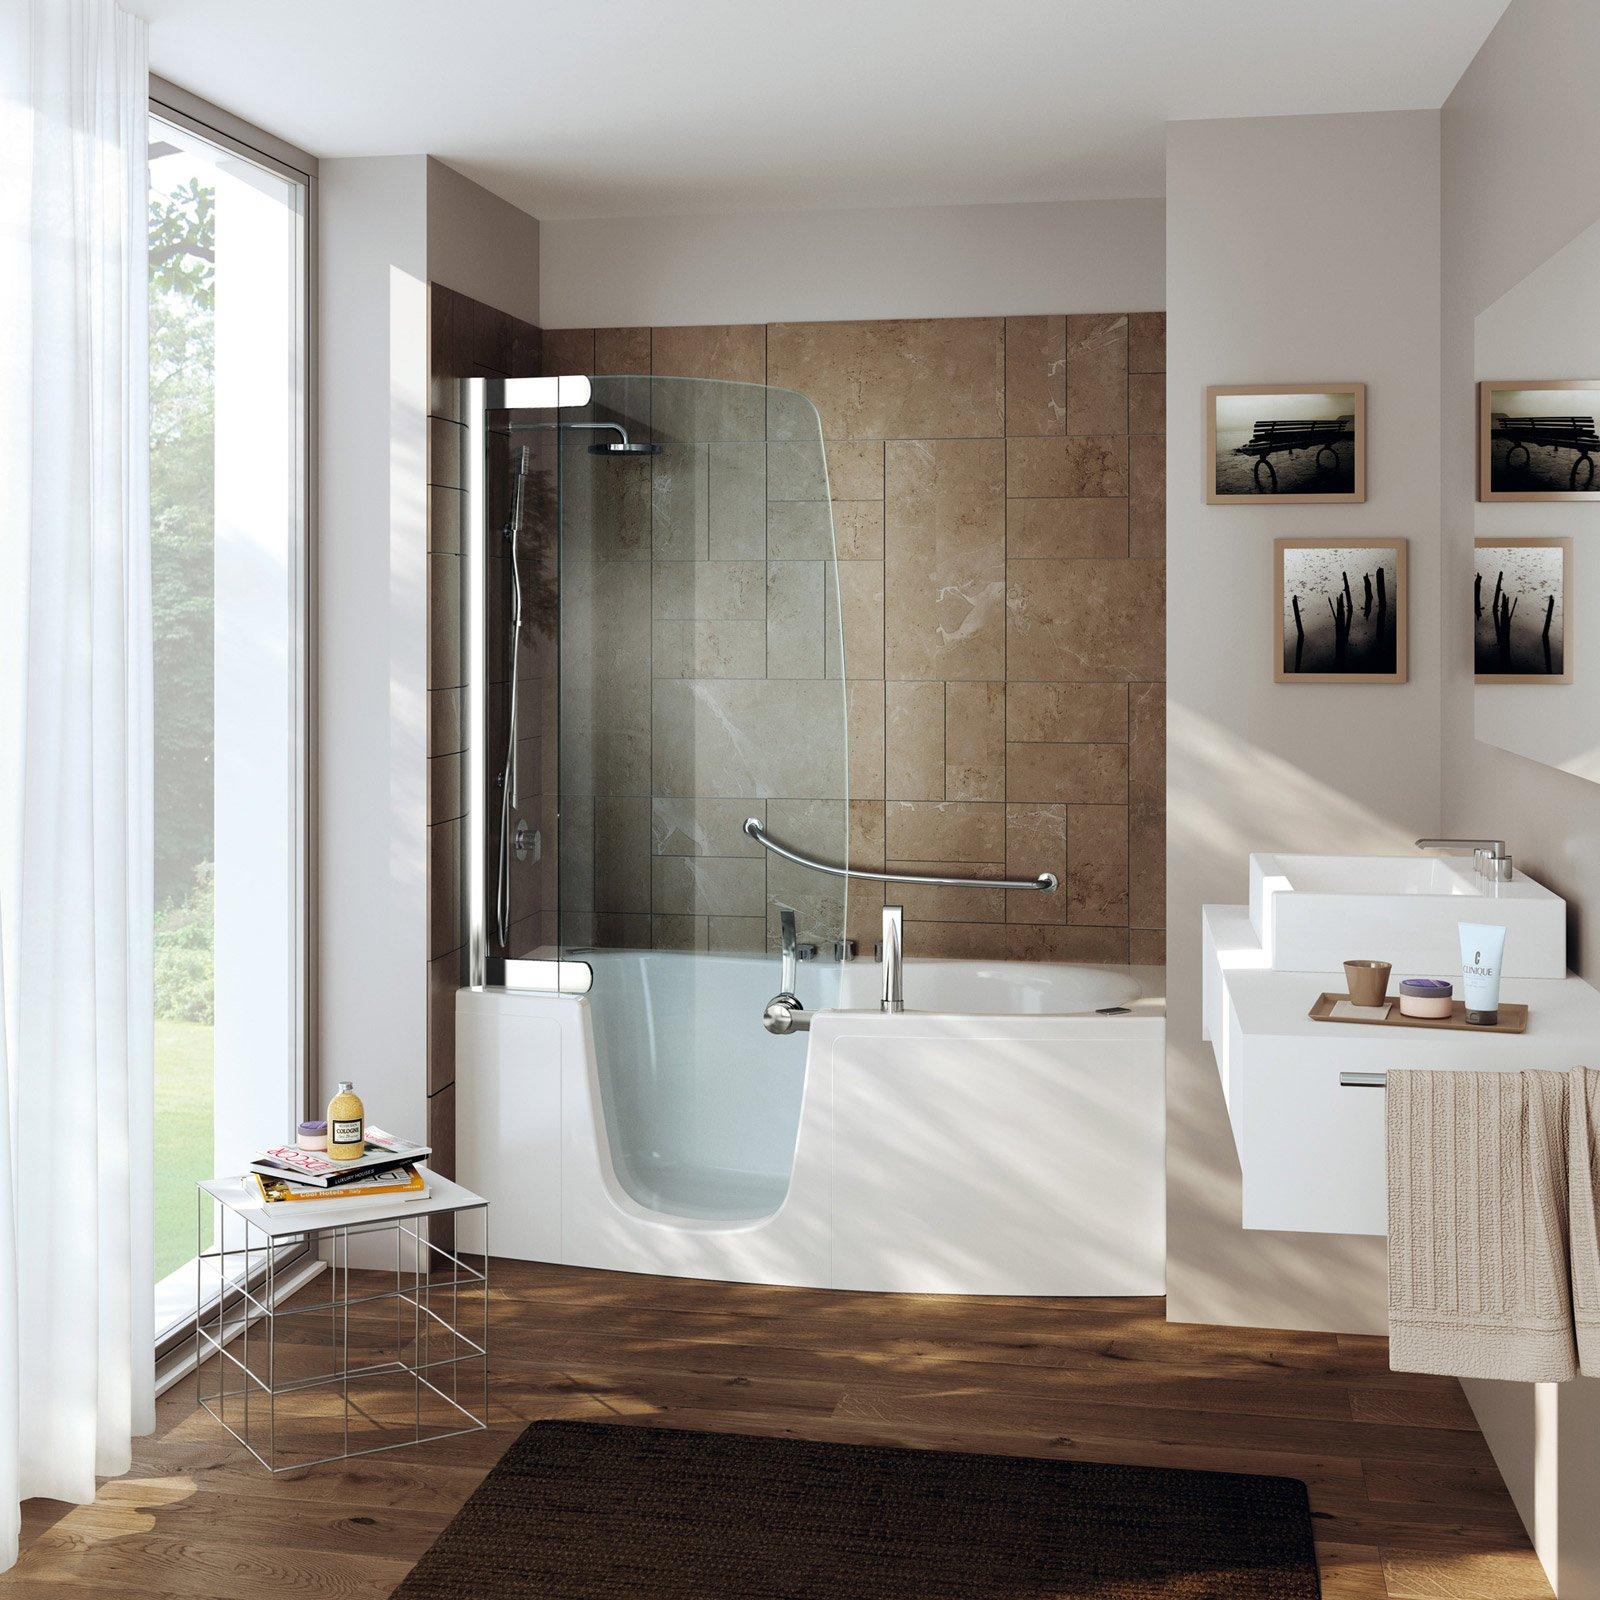 Vasca e doccia insieme cose di casa - Bagno piccolo con doccia ...